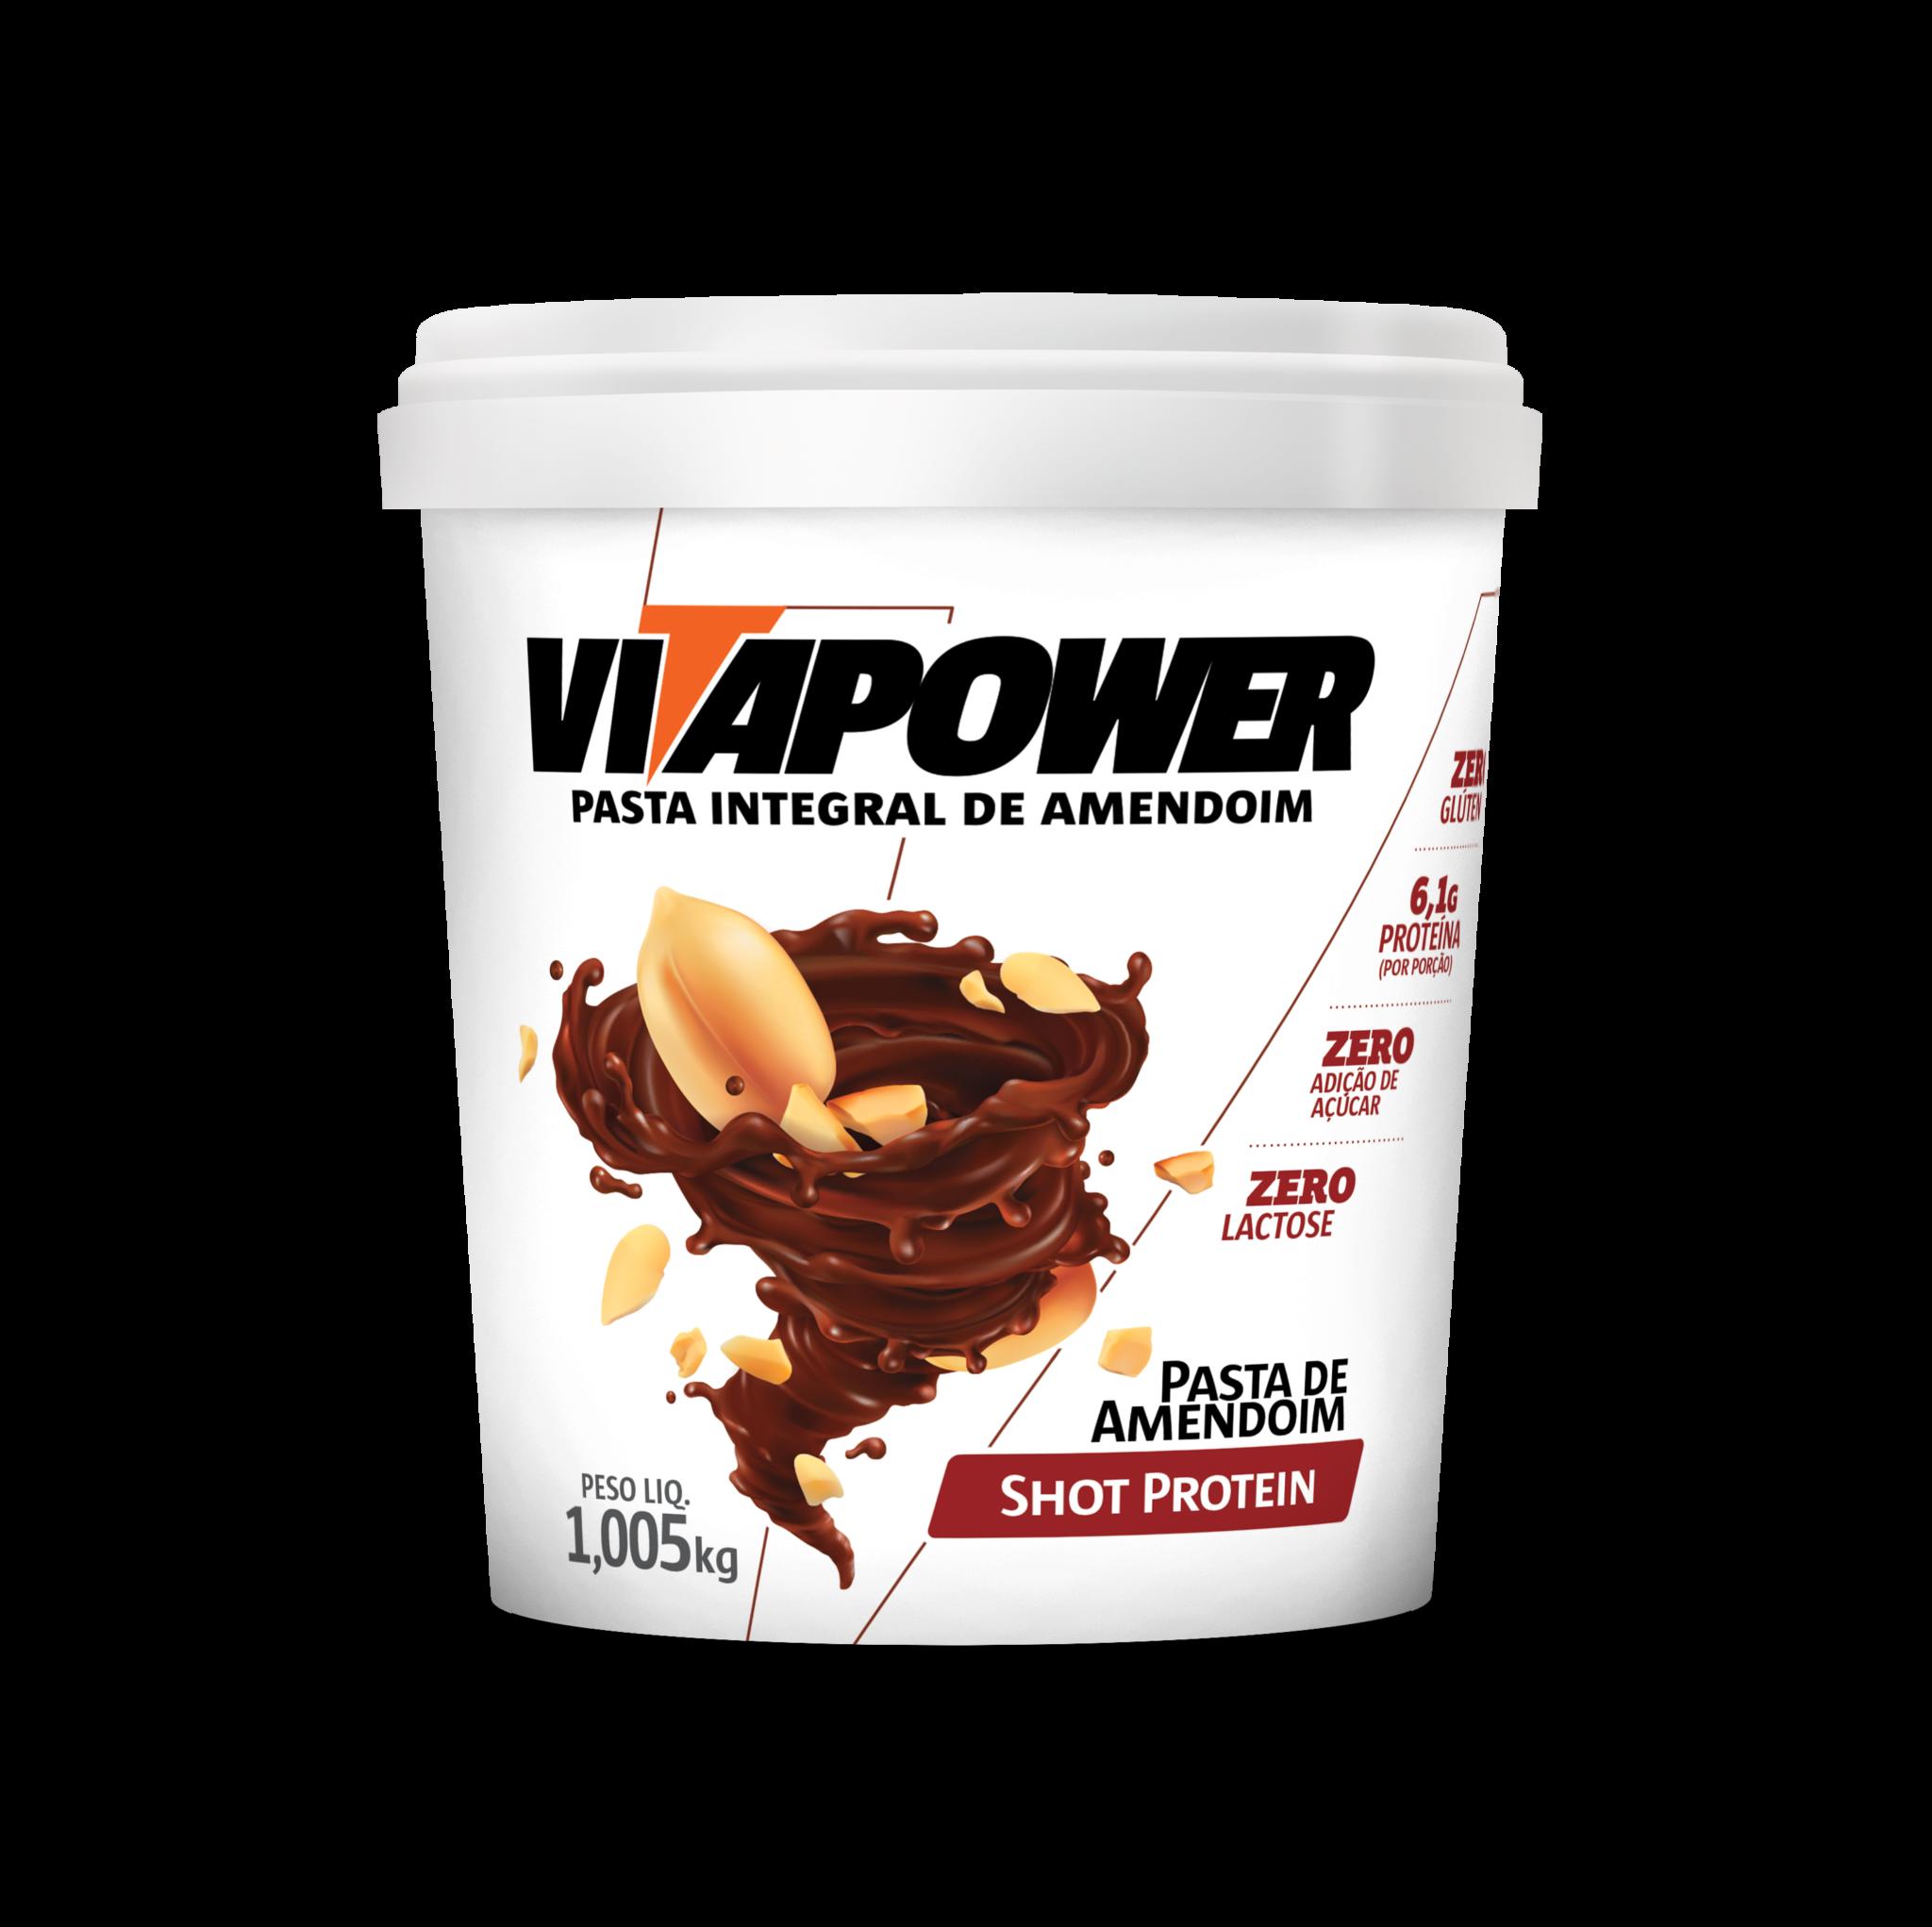 Pasta de Amendoin VitaPower Shot Protein